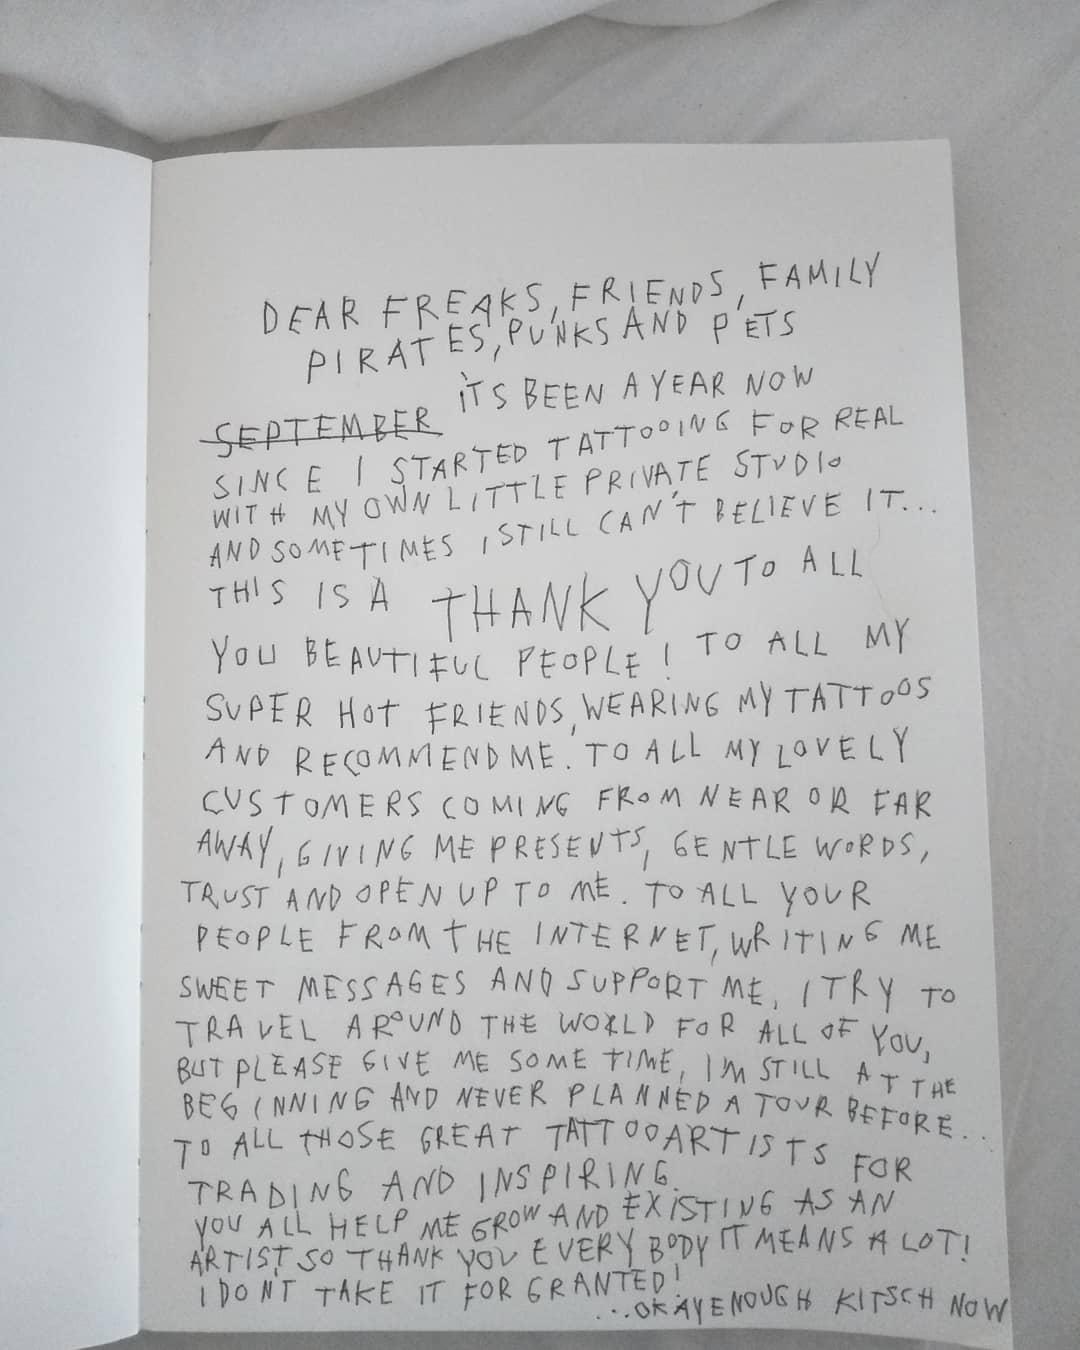 La tua pelle come un diario: i tatuaggi di Linda Werner | Collater.al